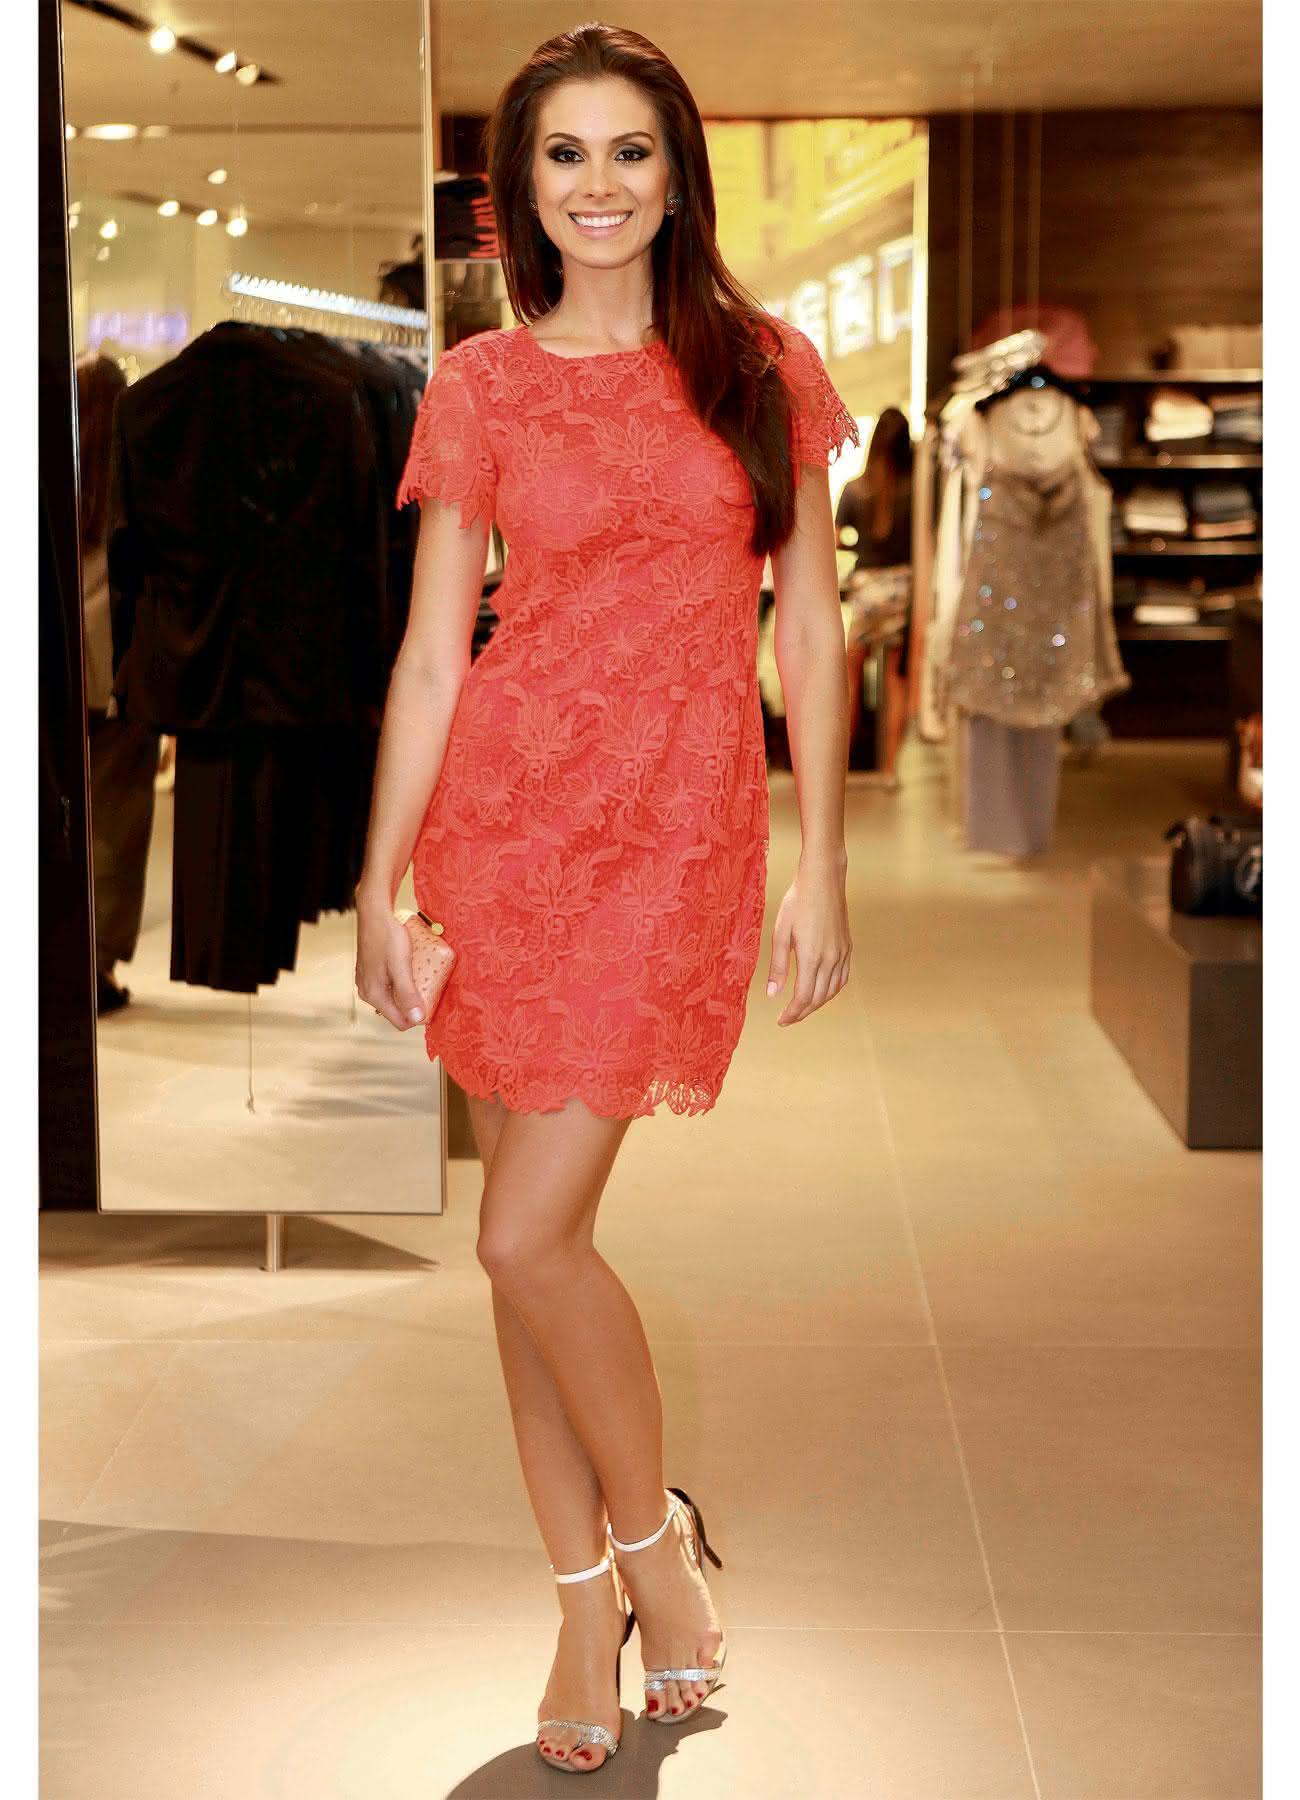 124-famosas-vestidos-curtos-renda-1